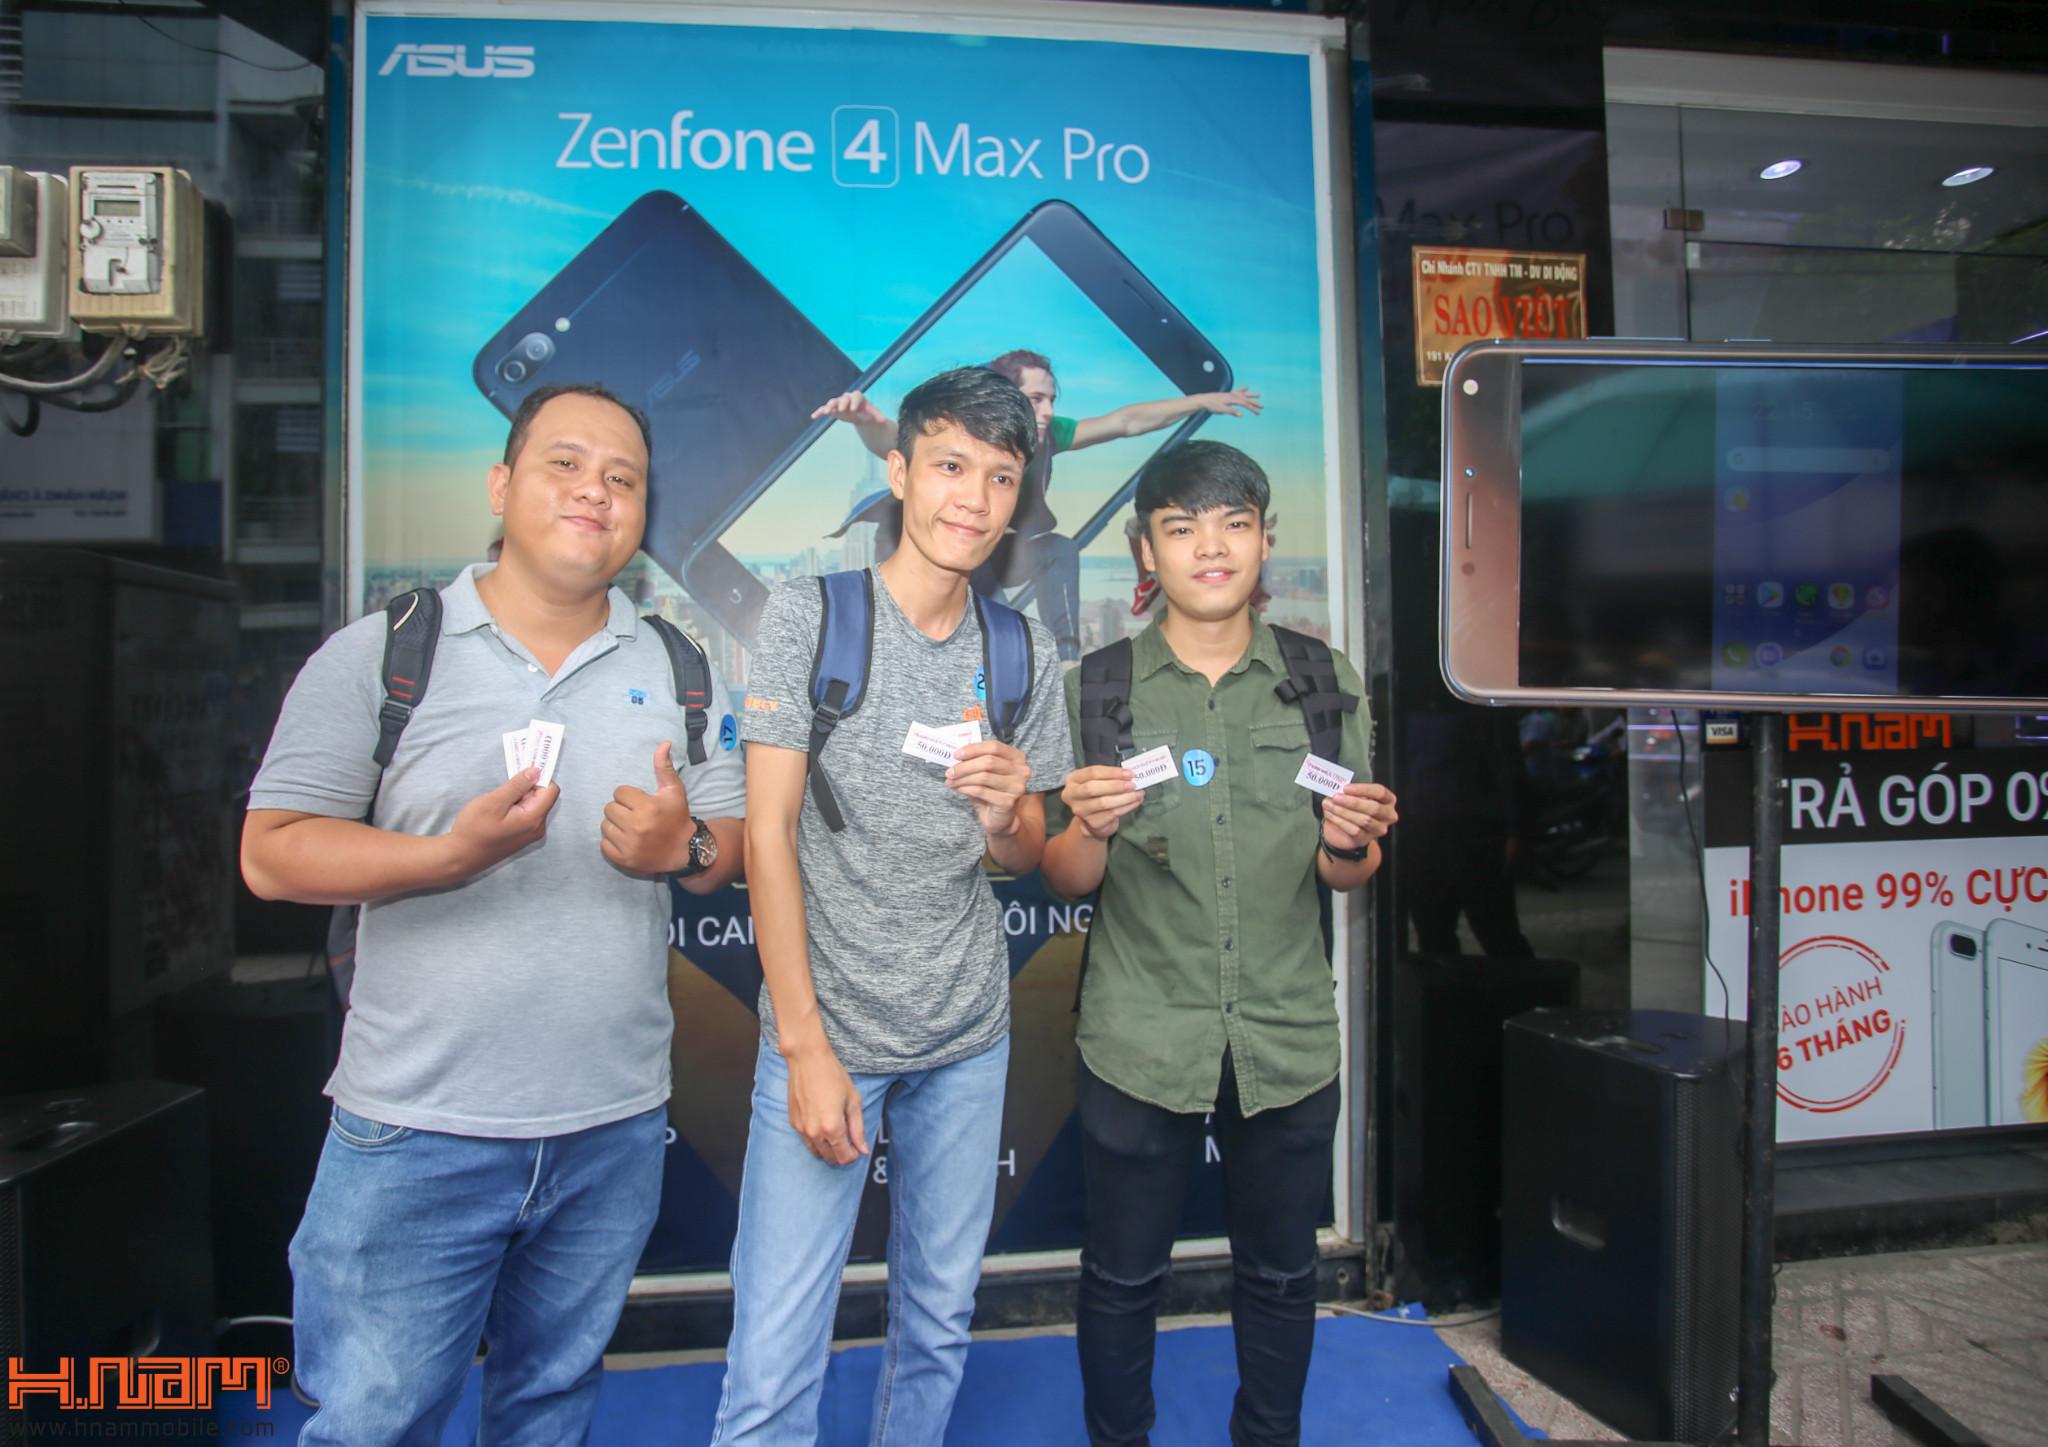 Mở bán ZenFone 4 Max Pro: Quà hơn 2 triệu, cơ hội trúng laptop hình 8